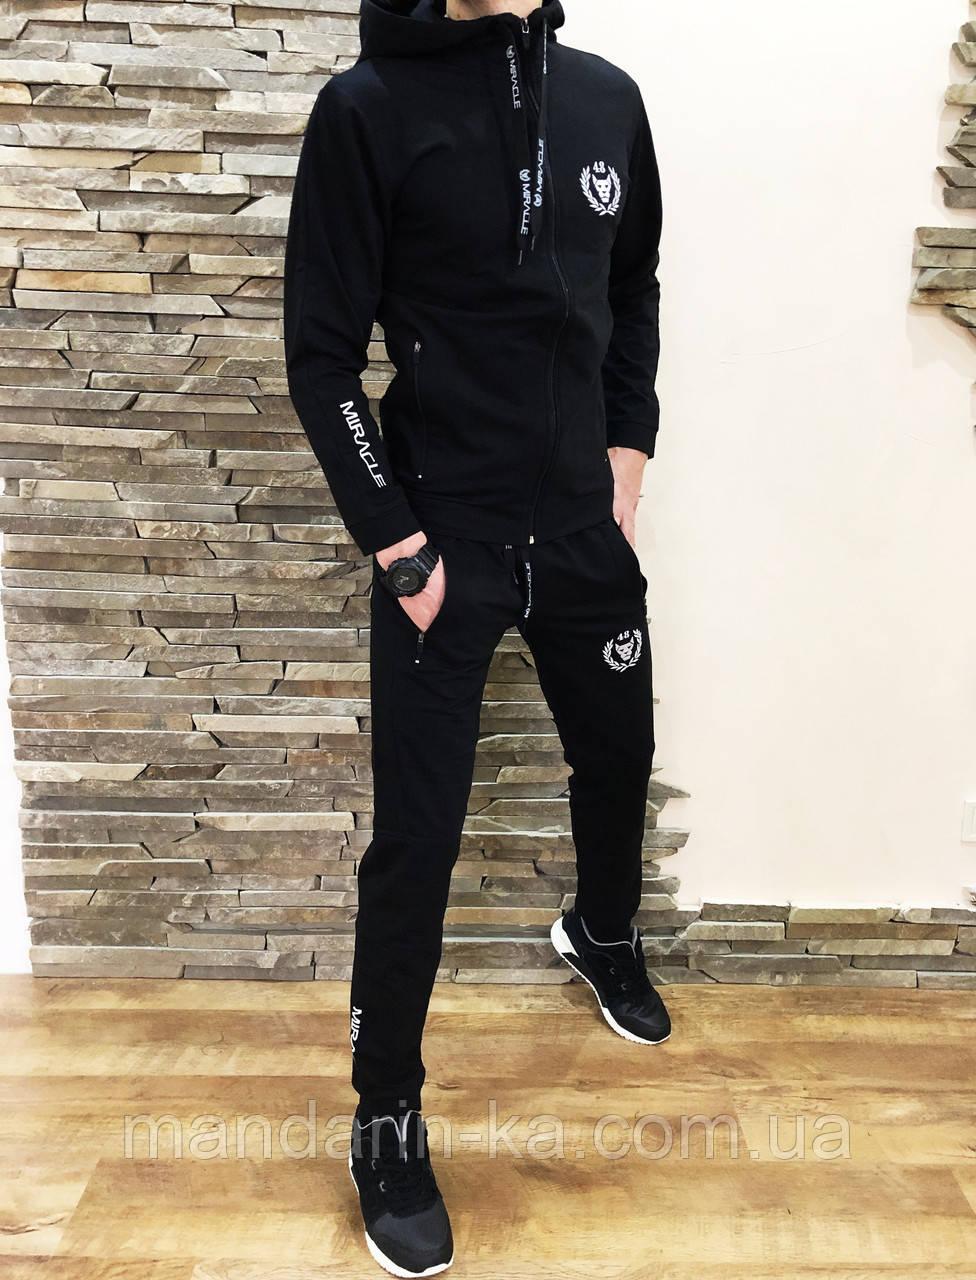 Мужской  спортивный  костюм  Miracle олимпийка штаны